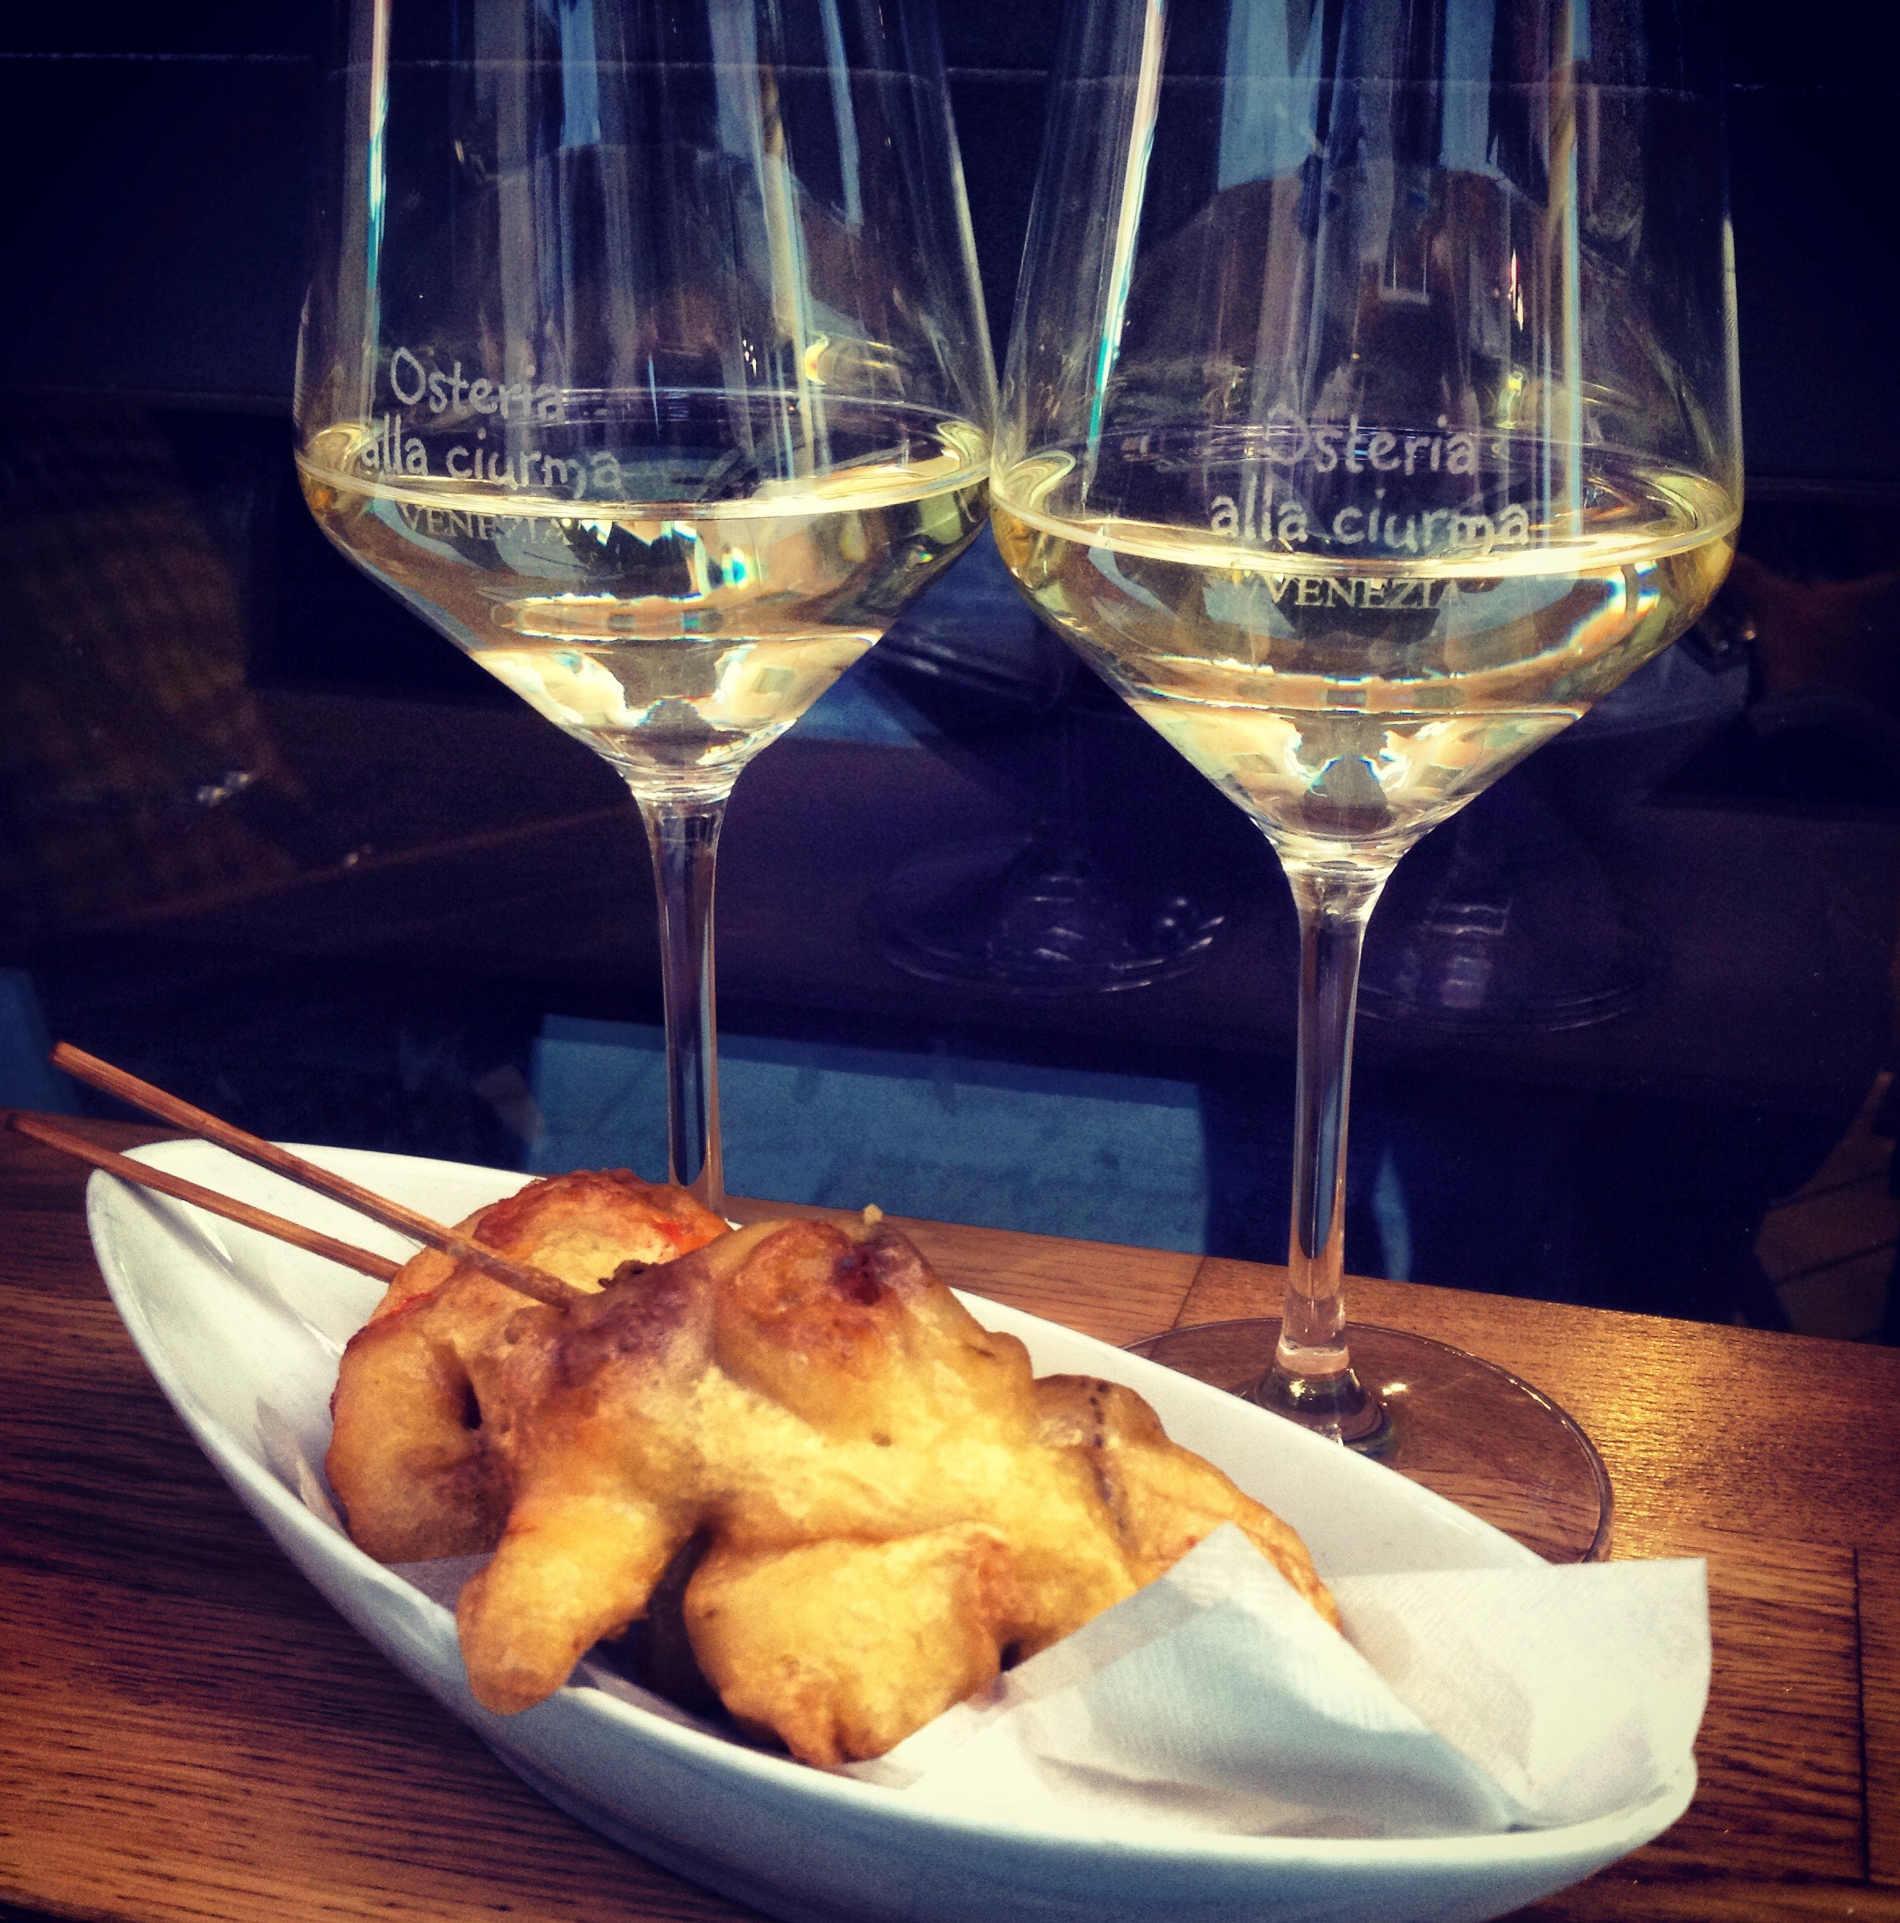 Enjoy a Bacaro Tour in Venice to taste Venetian delicacies